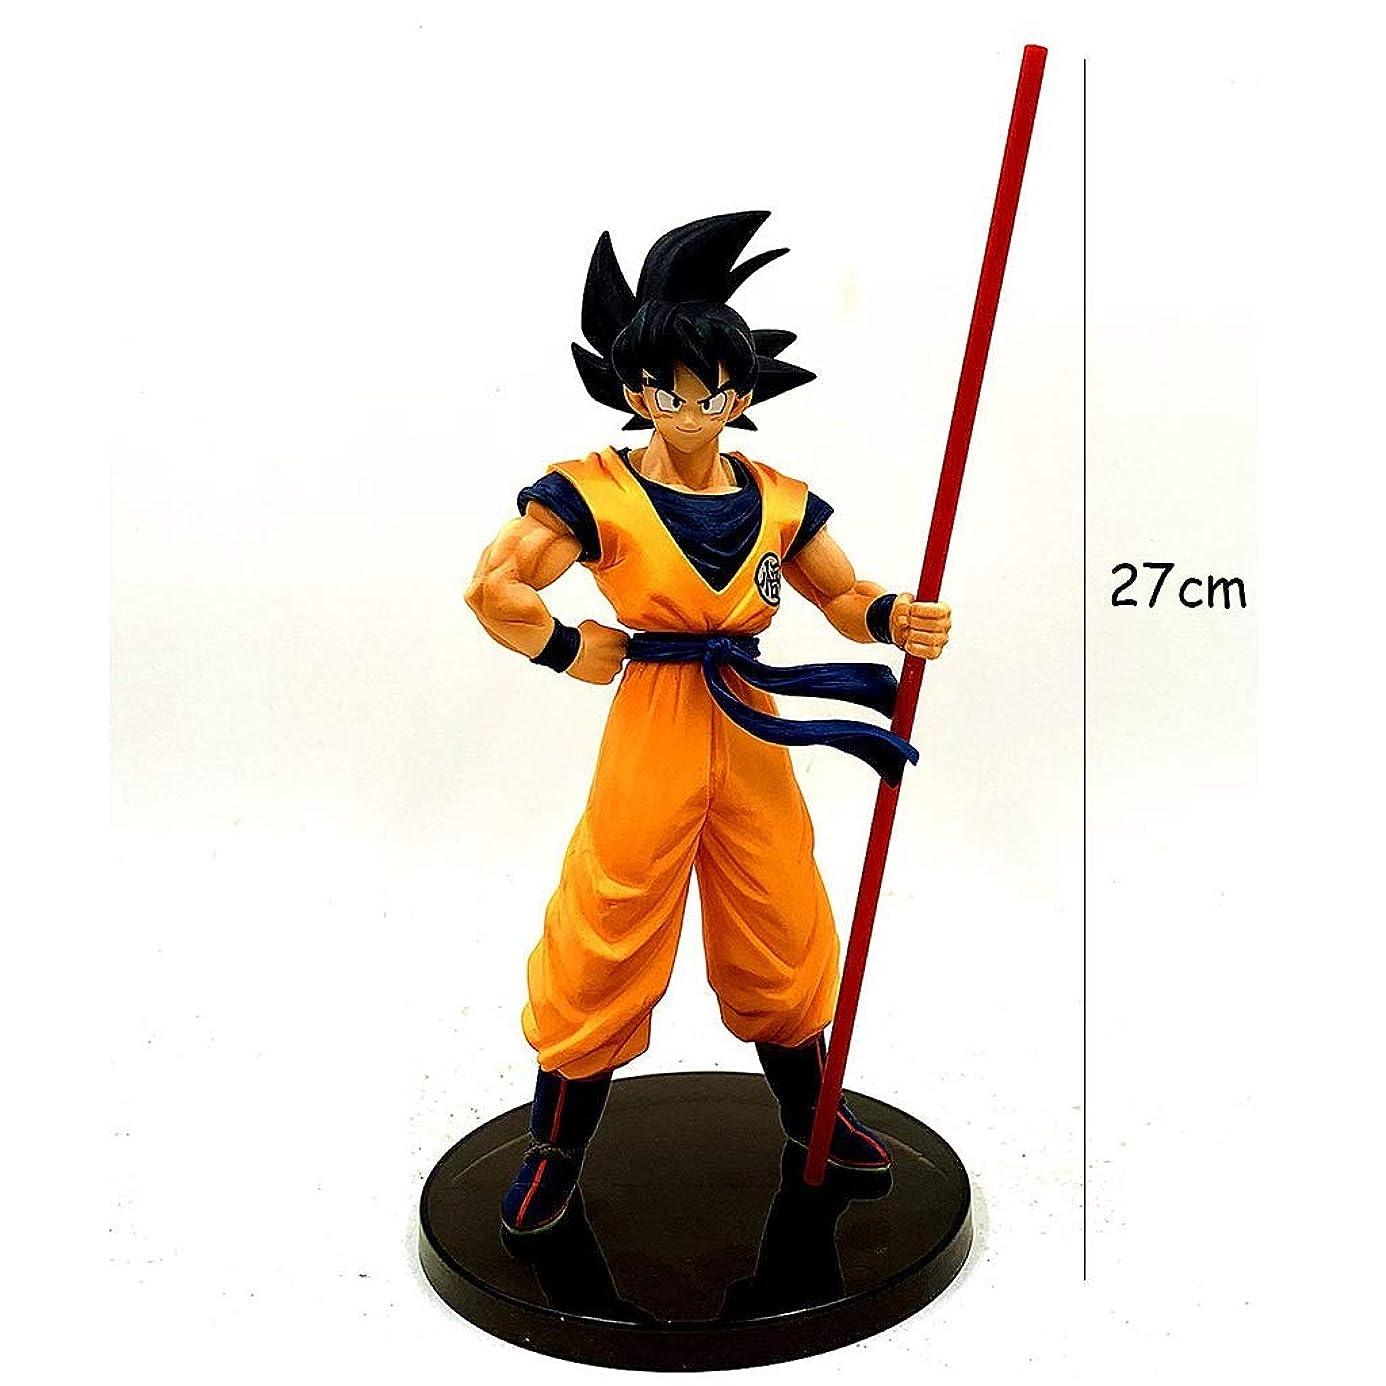 危険なジェームズダイソン階層アニメドラゴンボールモデル、PVC子供のおもちゃコレクションスタチュー、卓上装飾玩具スタチュー玩具モデル、Zブラックハットウコン(27cm) JSFQ